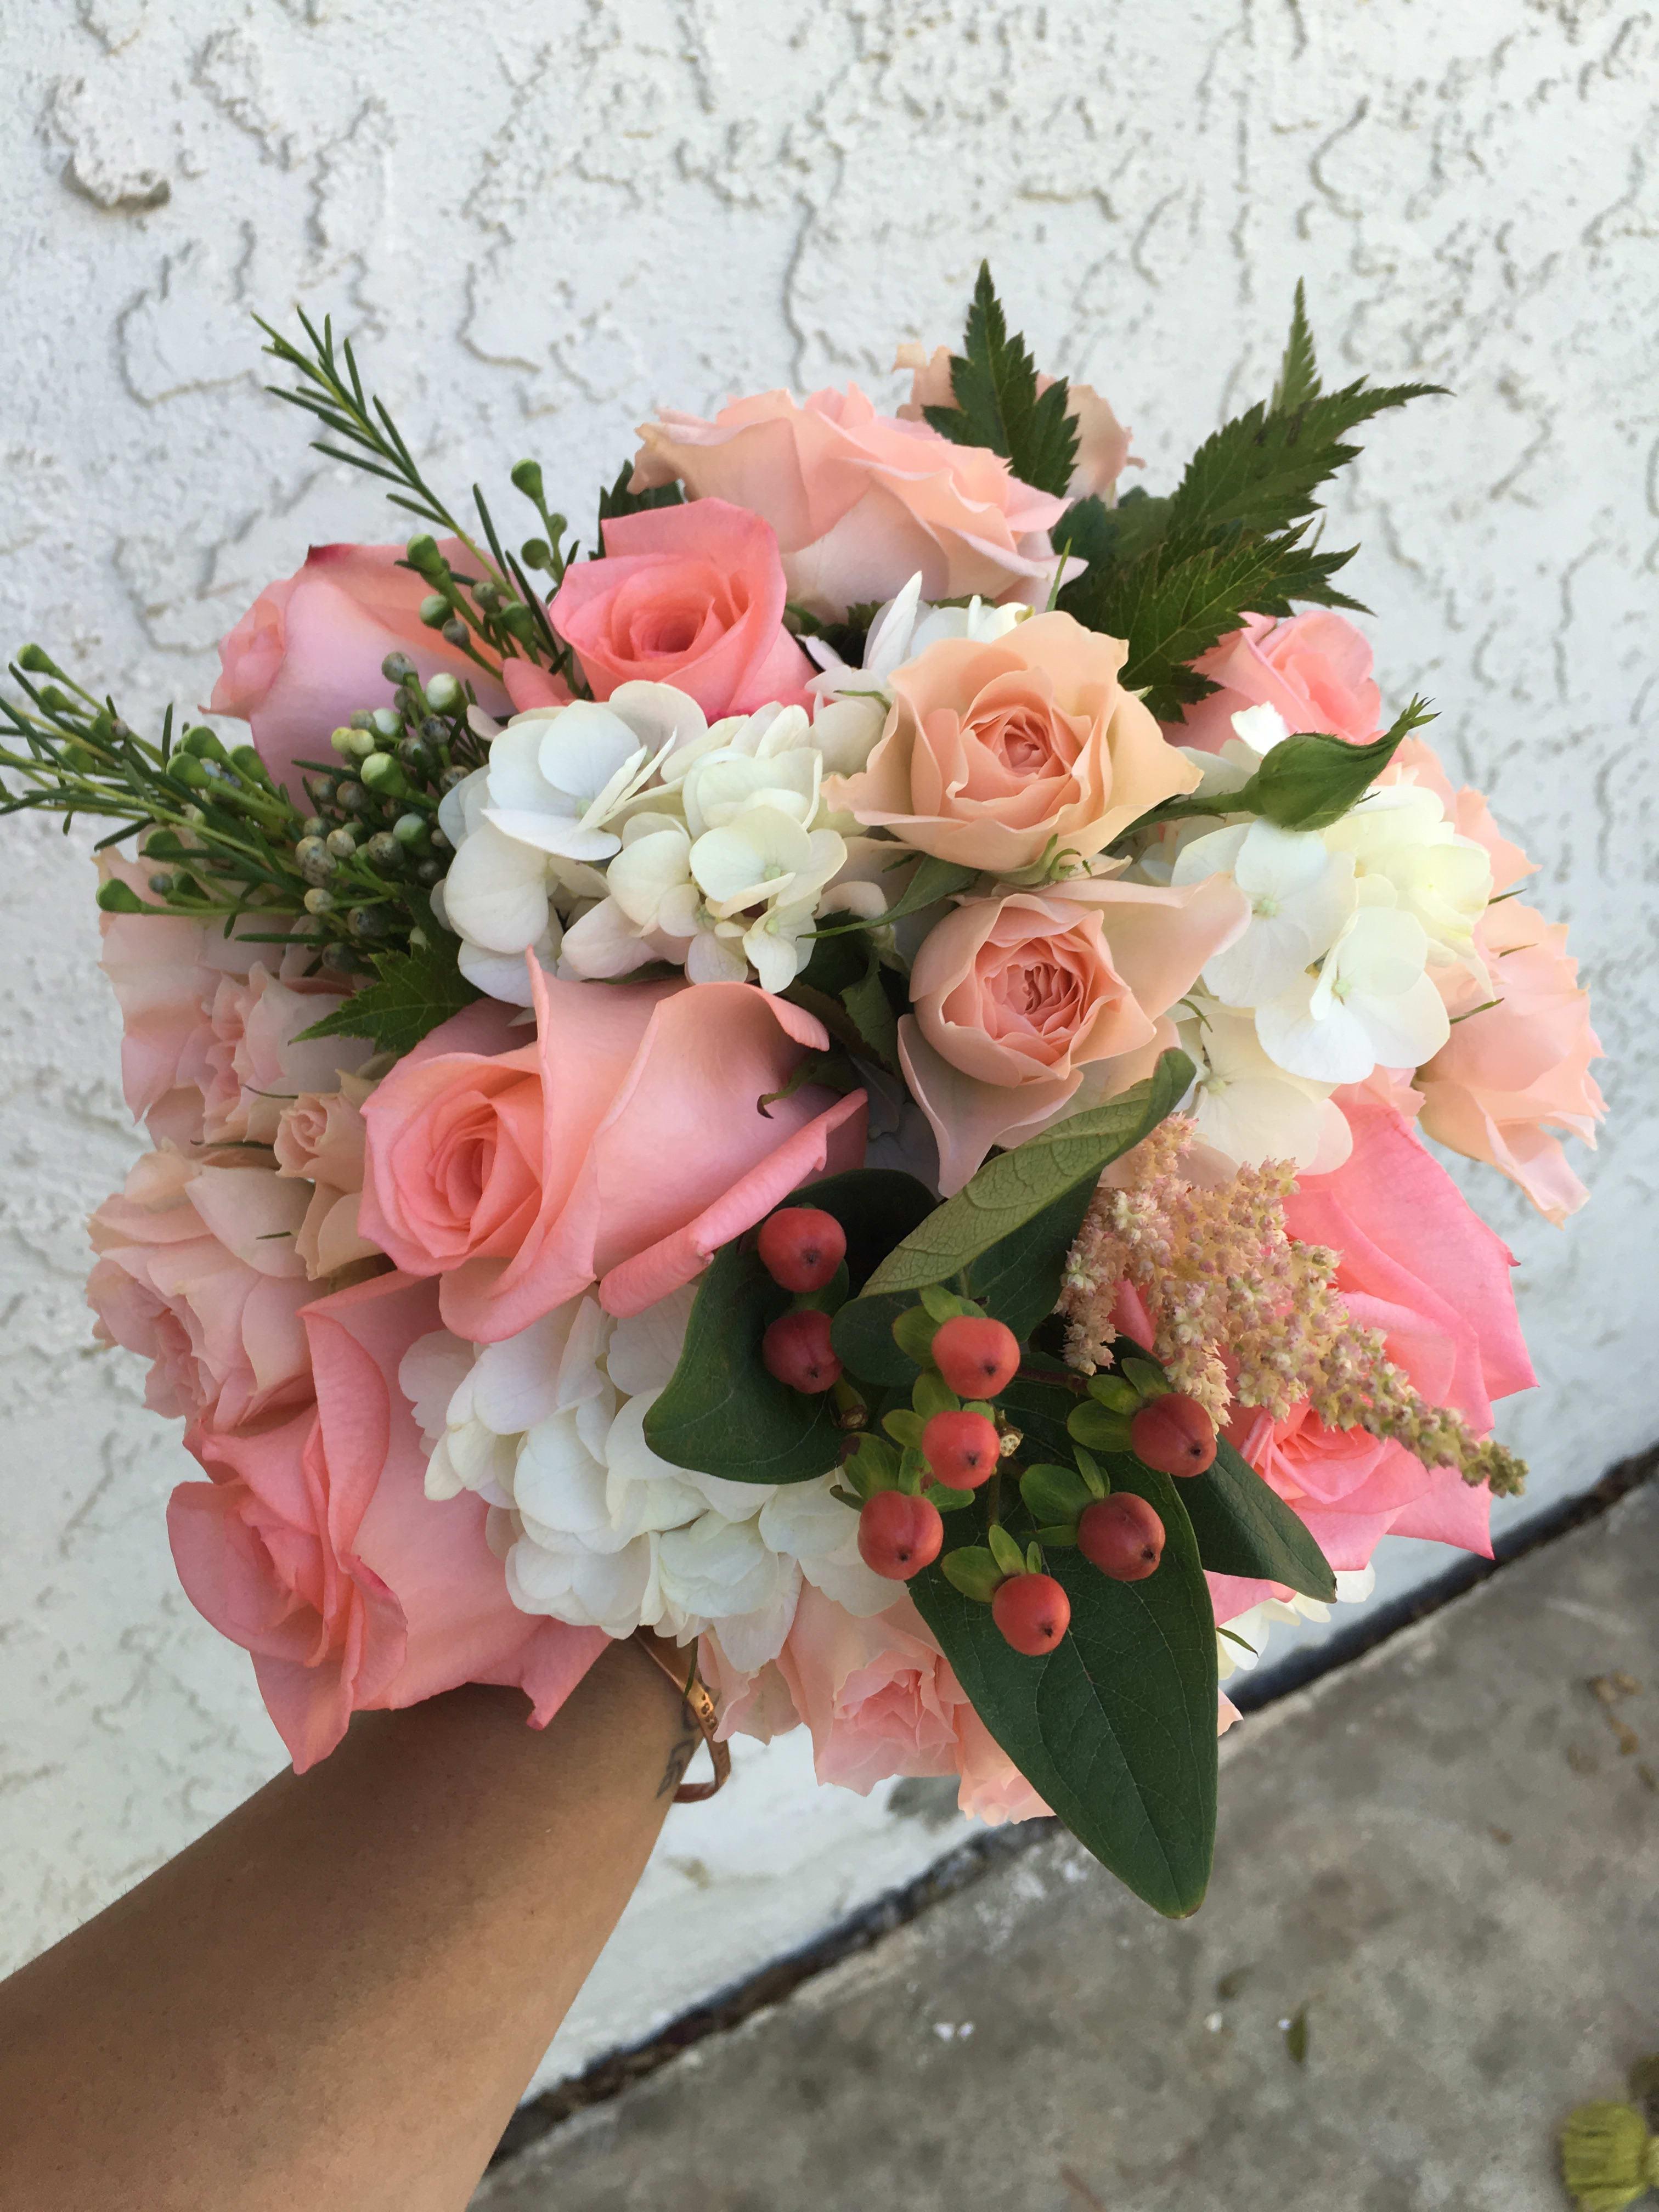 3b6c8678090 Romantic blooms in Vista